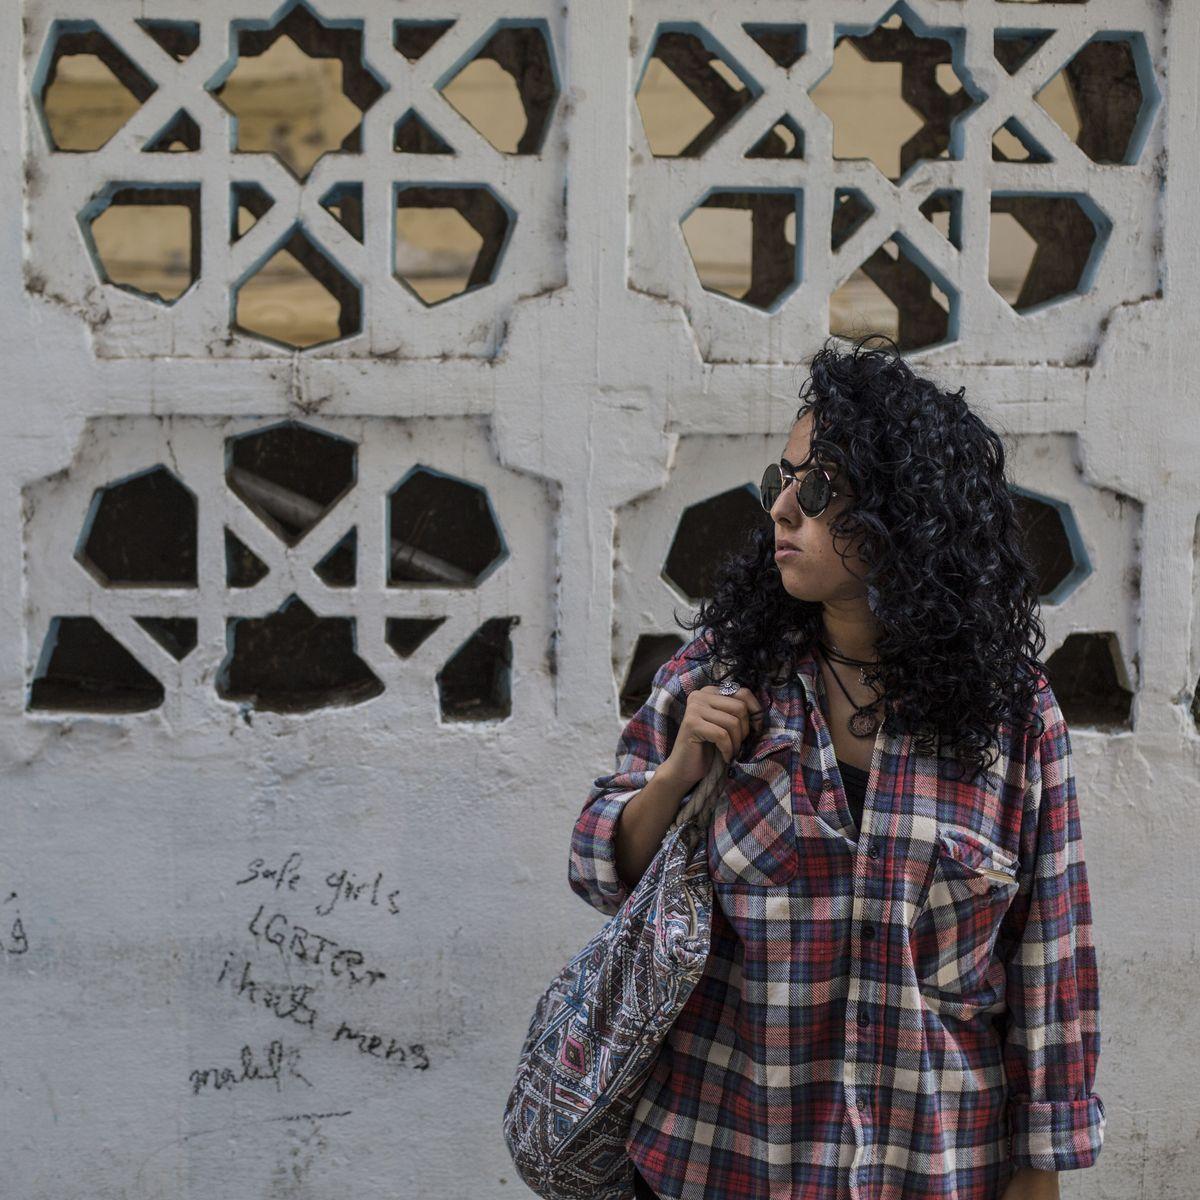 Sexuelle Belastigung In Agypten Fast Jede Frau Betroffen Der Spiegel